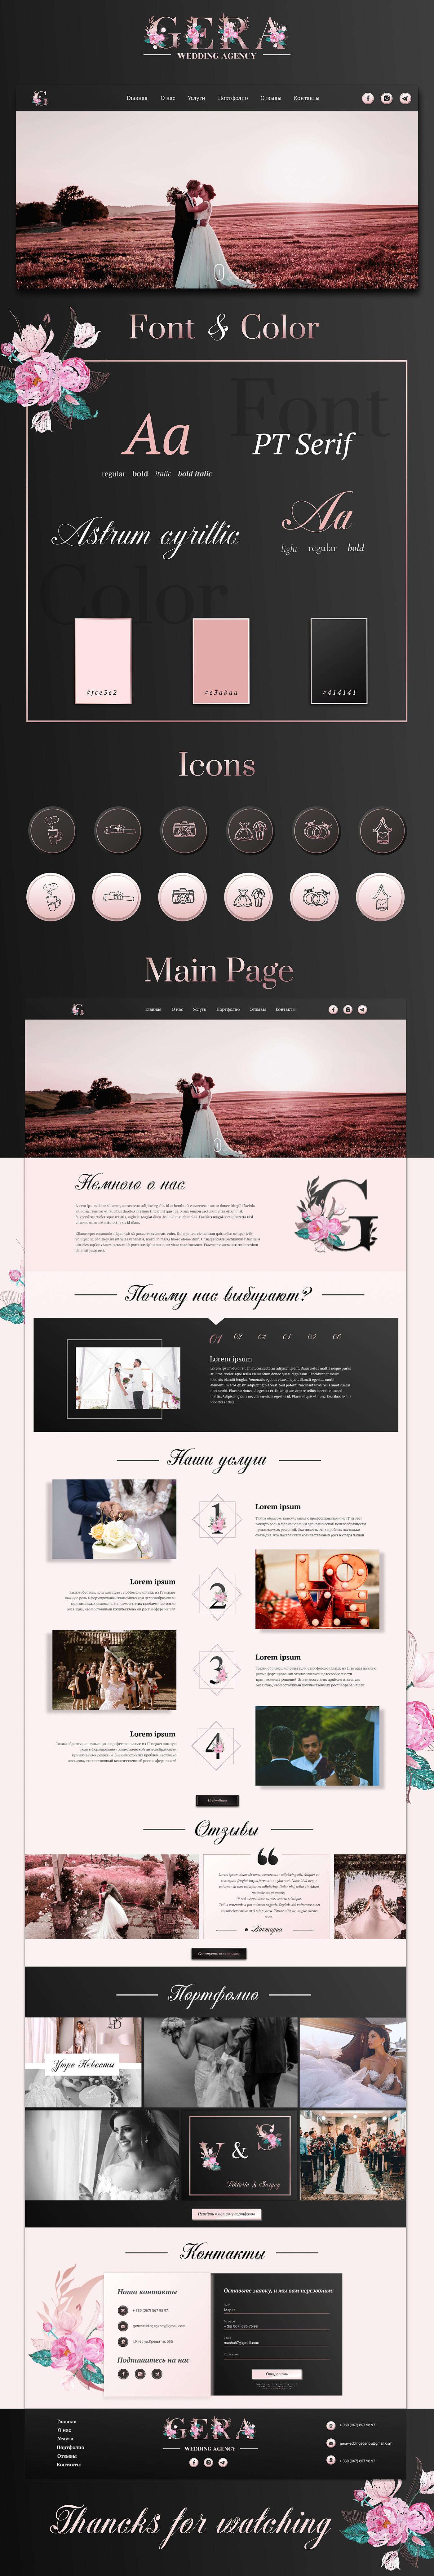 agency design Webdesign Website wedding desktop Events Figma landing page UI/UX